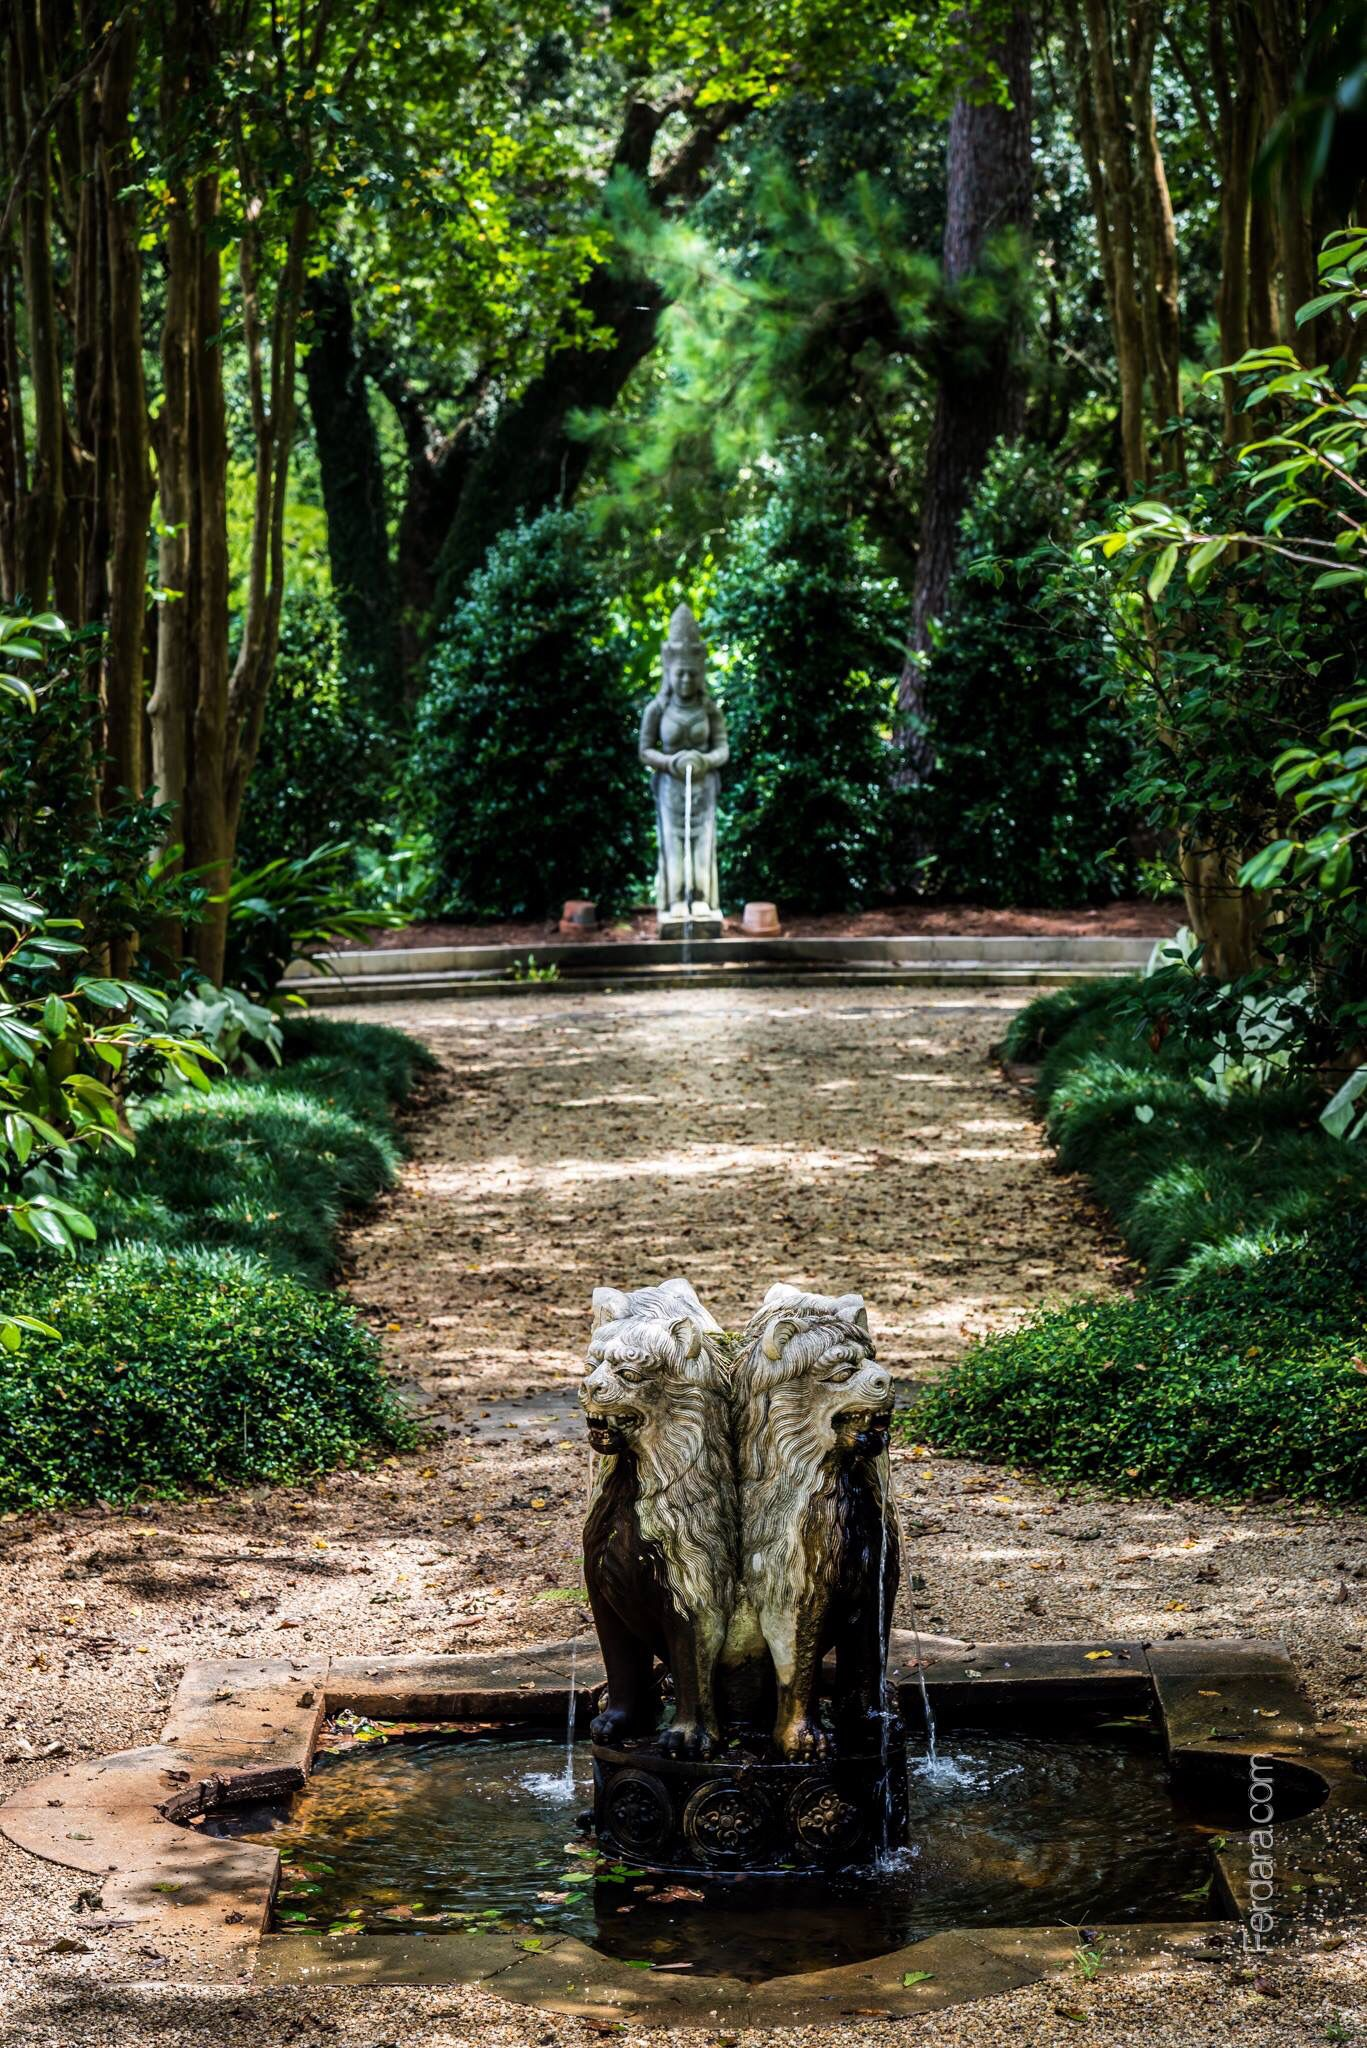 0ec34612c45fe74e22f1c19f8da90af5 - Rip Van Winkle Gardens New Iberia La